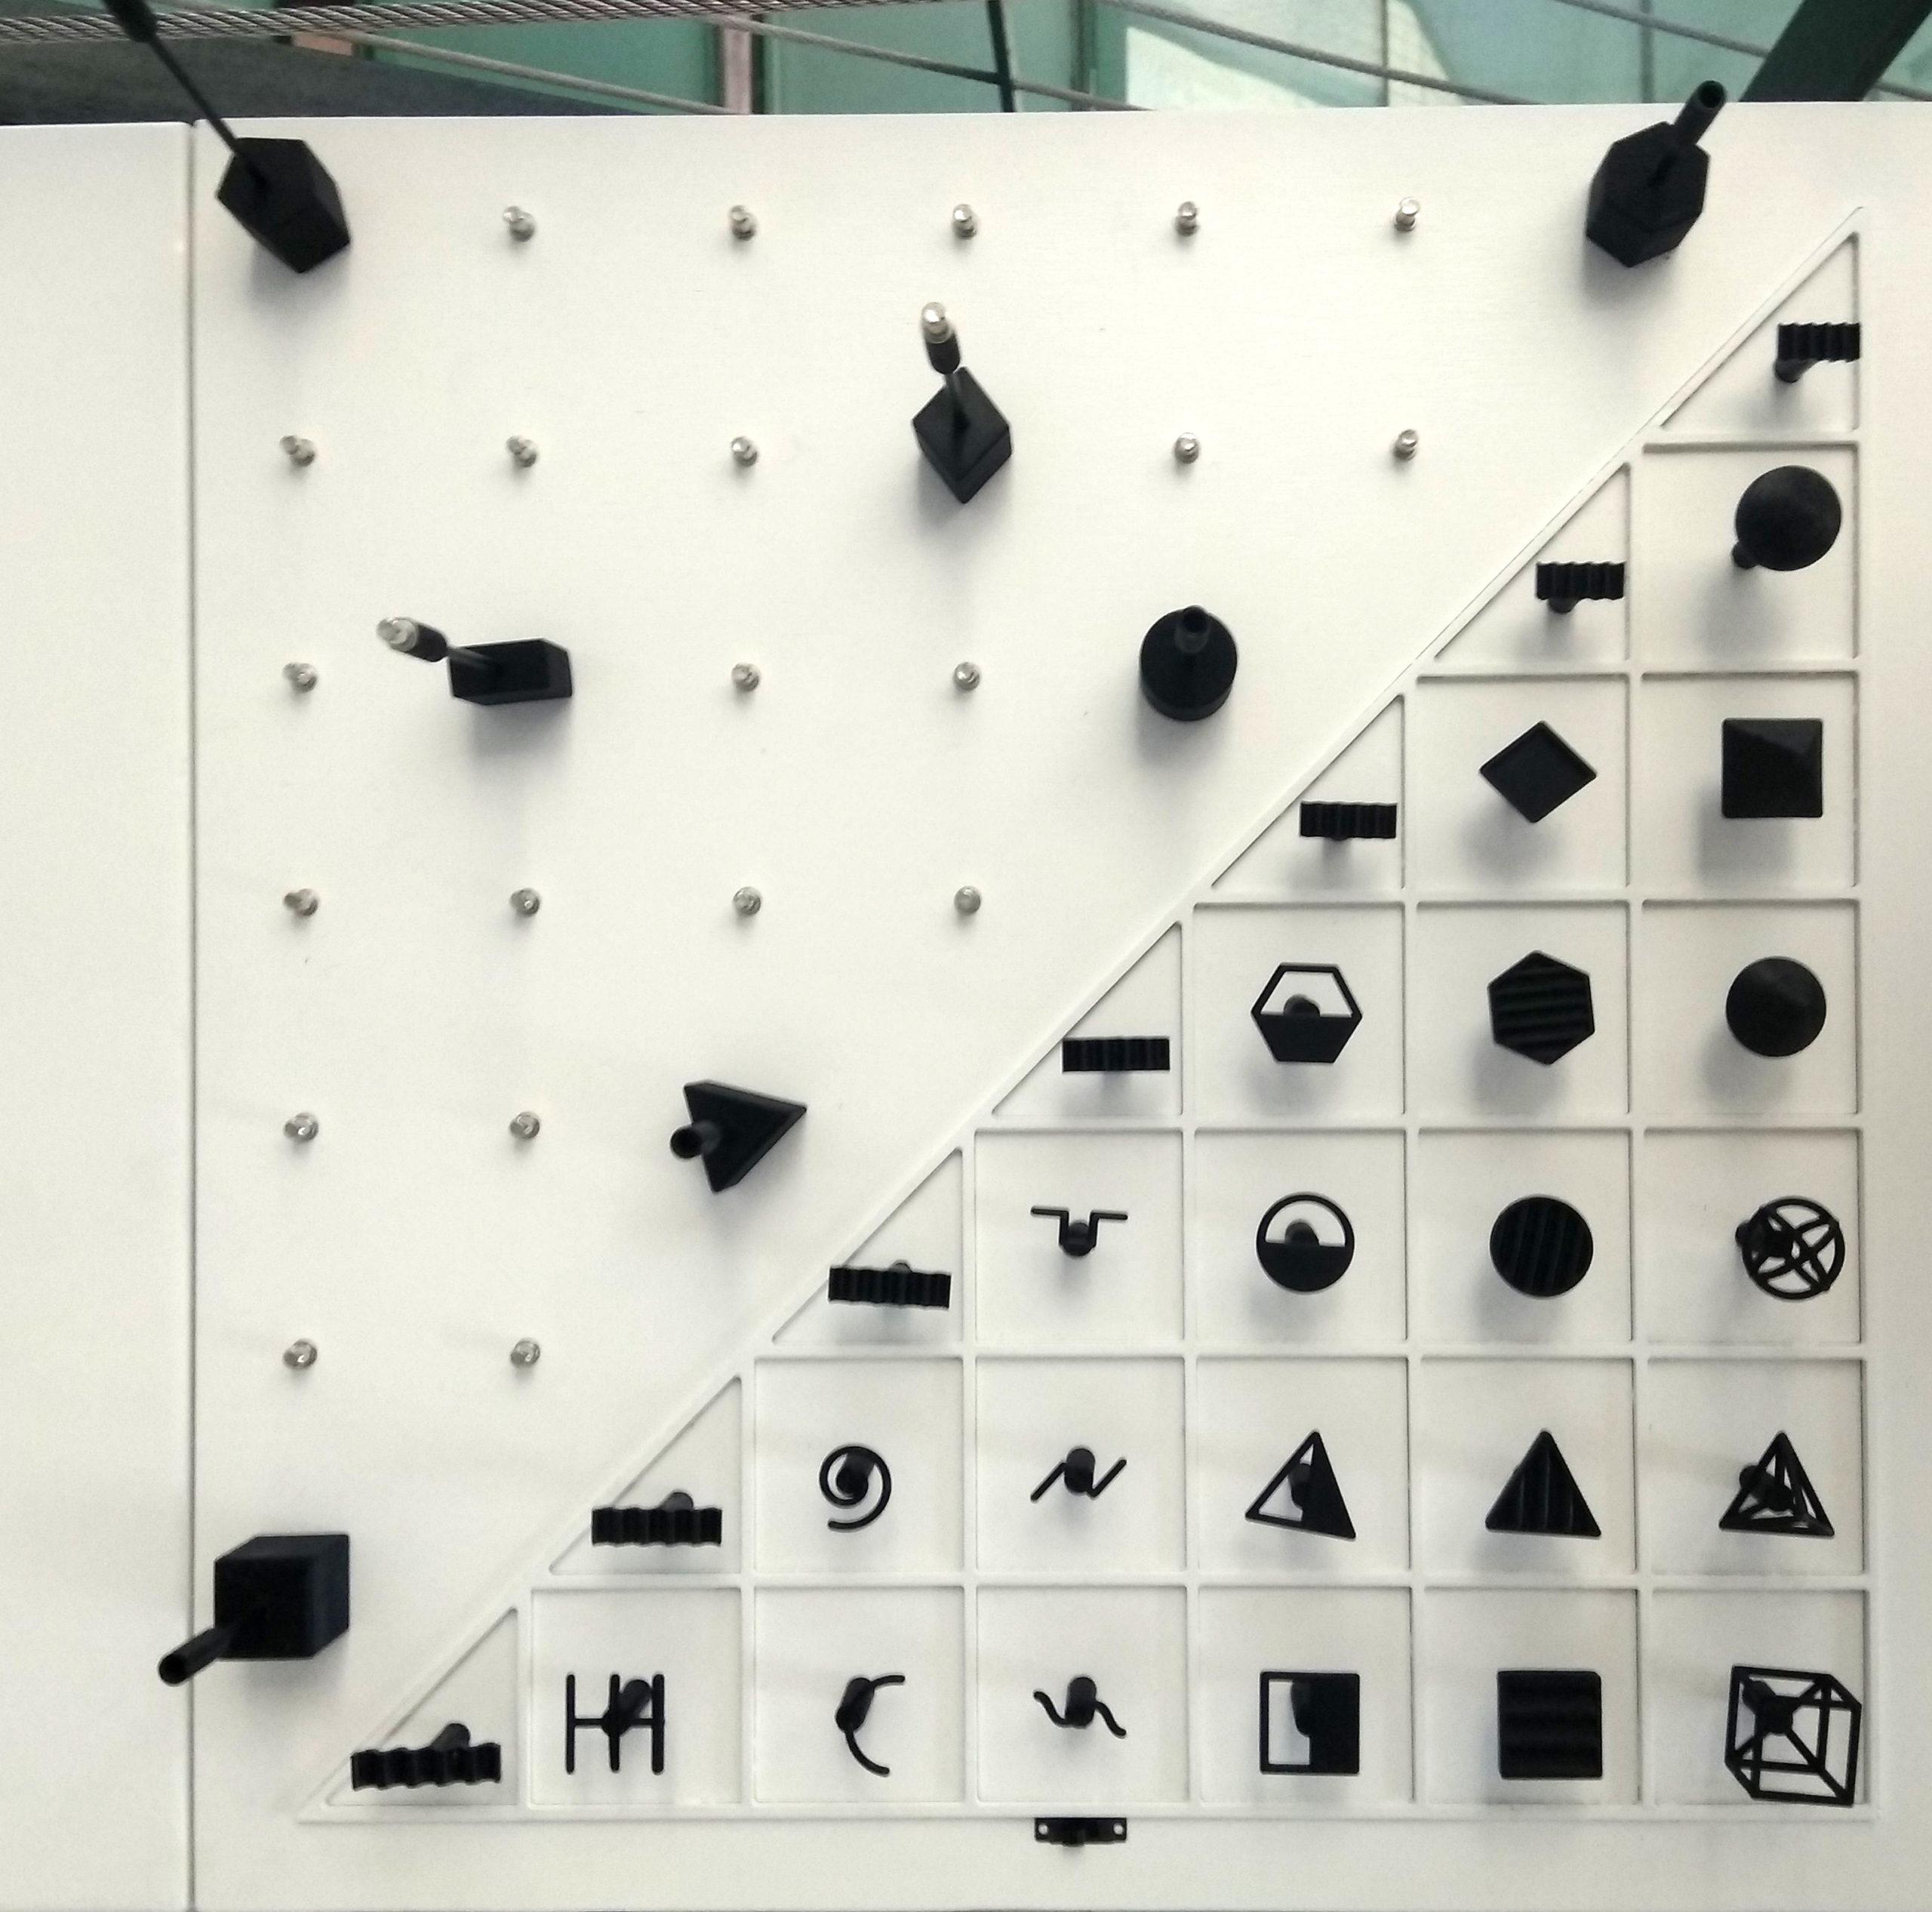 Διαδραστικά Μουσειοπαιδαγωγικά Αντικείμενα για την ερμηνεία του έργου Σινιάλα του καλλιτέχνη Τάκι, της συλλογής του MOMus-Μουσείου Σύγχρονης Τέχνης. Τα αντικείμενα έχουν τοποθετηθεί σε ένα ξύλινο λευκό κουτί και περιλαμβάνουν ένα αντίγραφο του έργου τέχνης σε μικρότερη κλίμακα, έναμαγνητικό πίνακα αλληλεπίδρασης και στοιχεία που παρουσιάζουν τα βασικά γεωμετρικά σχήματα, είδη γραμμών και μια ηχητική ερμηνεία των βασικών χρωμάτων. Στην εικόνα εμφανίζεται ο πίνακας αλληλεπίδρασης της άνω δεξιάς πλευράς. Ο πίνακας περιλαμβάνει γεωμετρικά σχήματα, διάφορα είδη γραμμών και τις κυματομορφές των βασικών χρωμάτων σε τρισδιάστατες εκτυπώσεις, ωστε οι χρήστες να μπορούν να τα αγγίξουν και να διακρίνουν ομοιότητες και διαφορές μεταξύ τους.